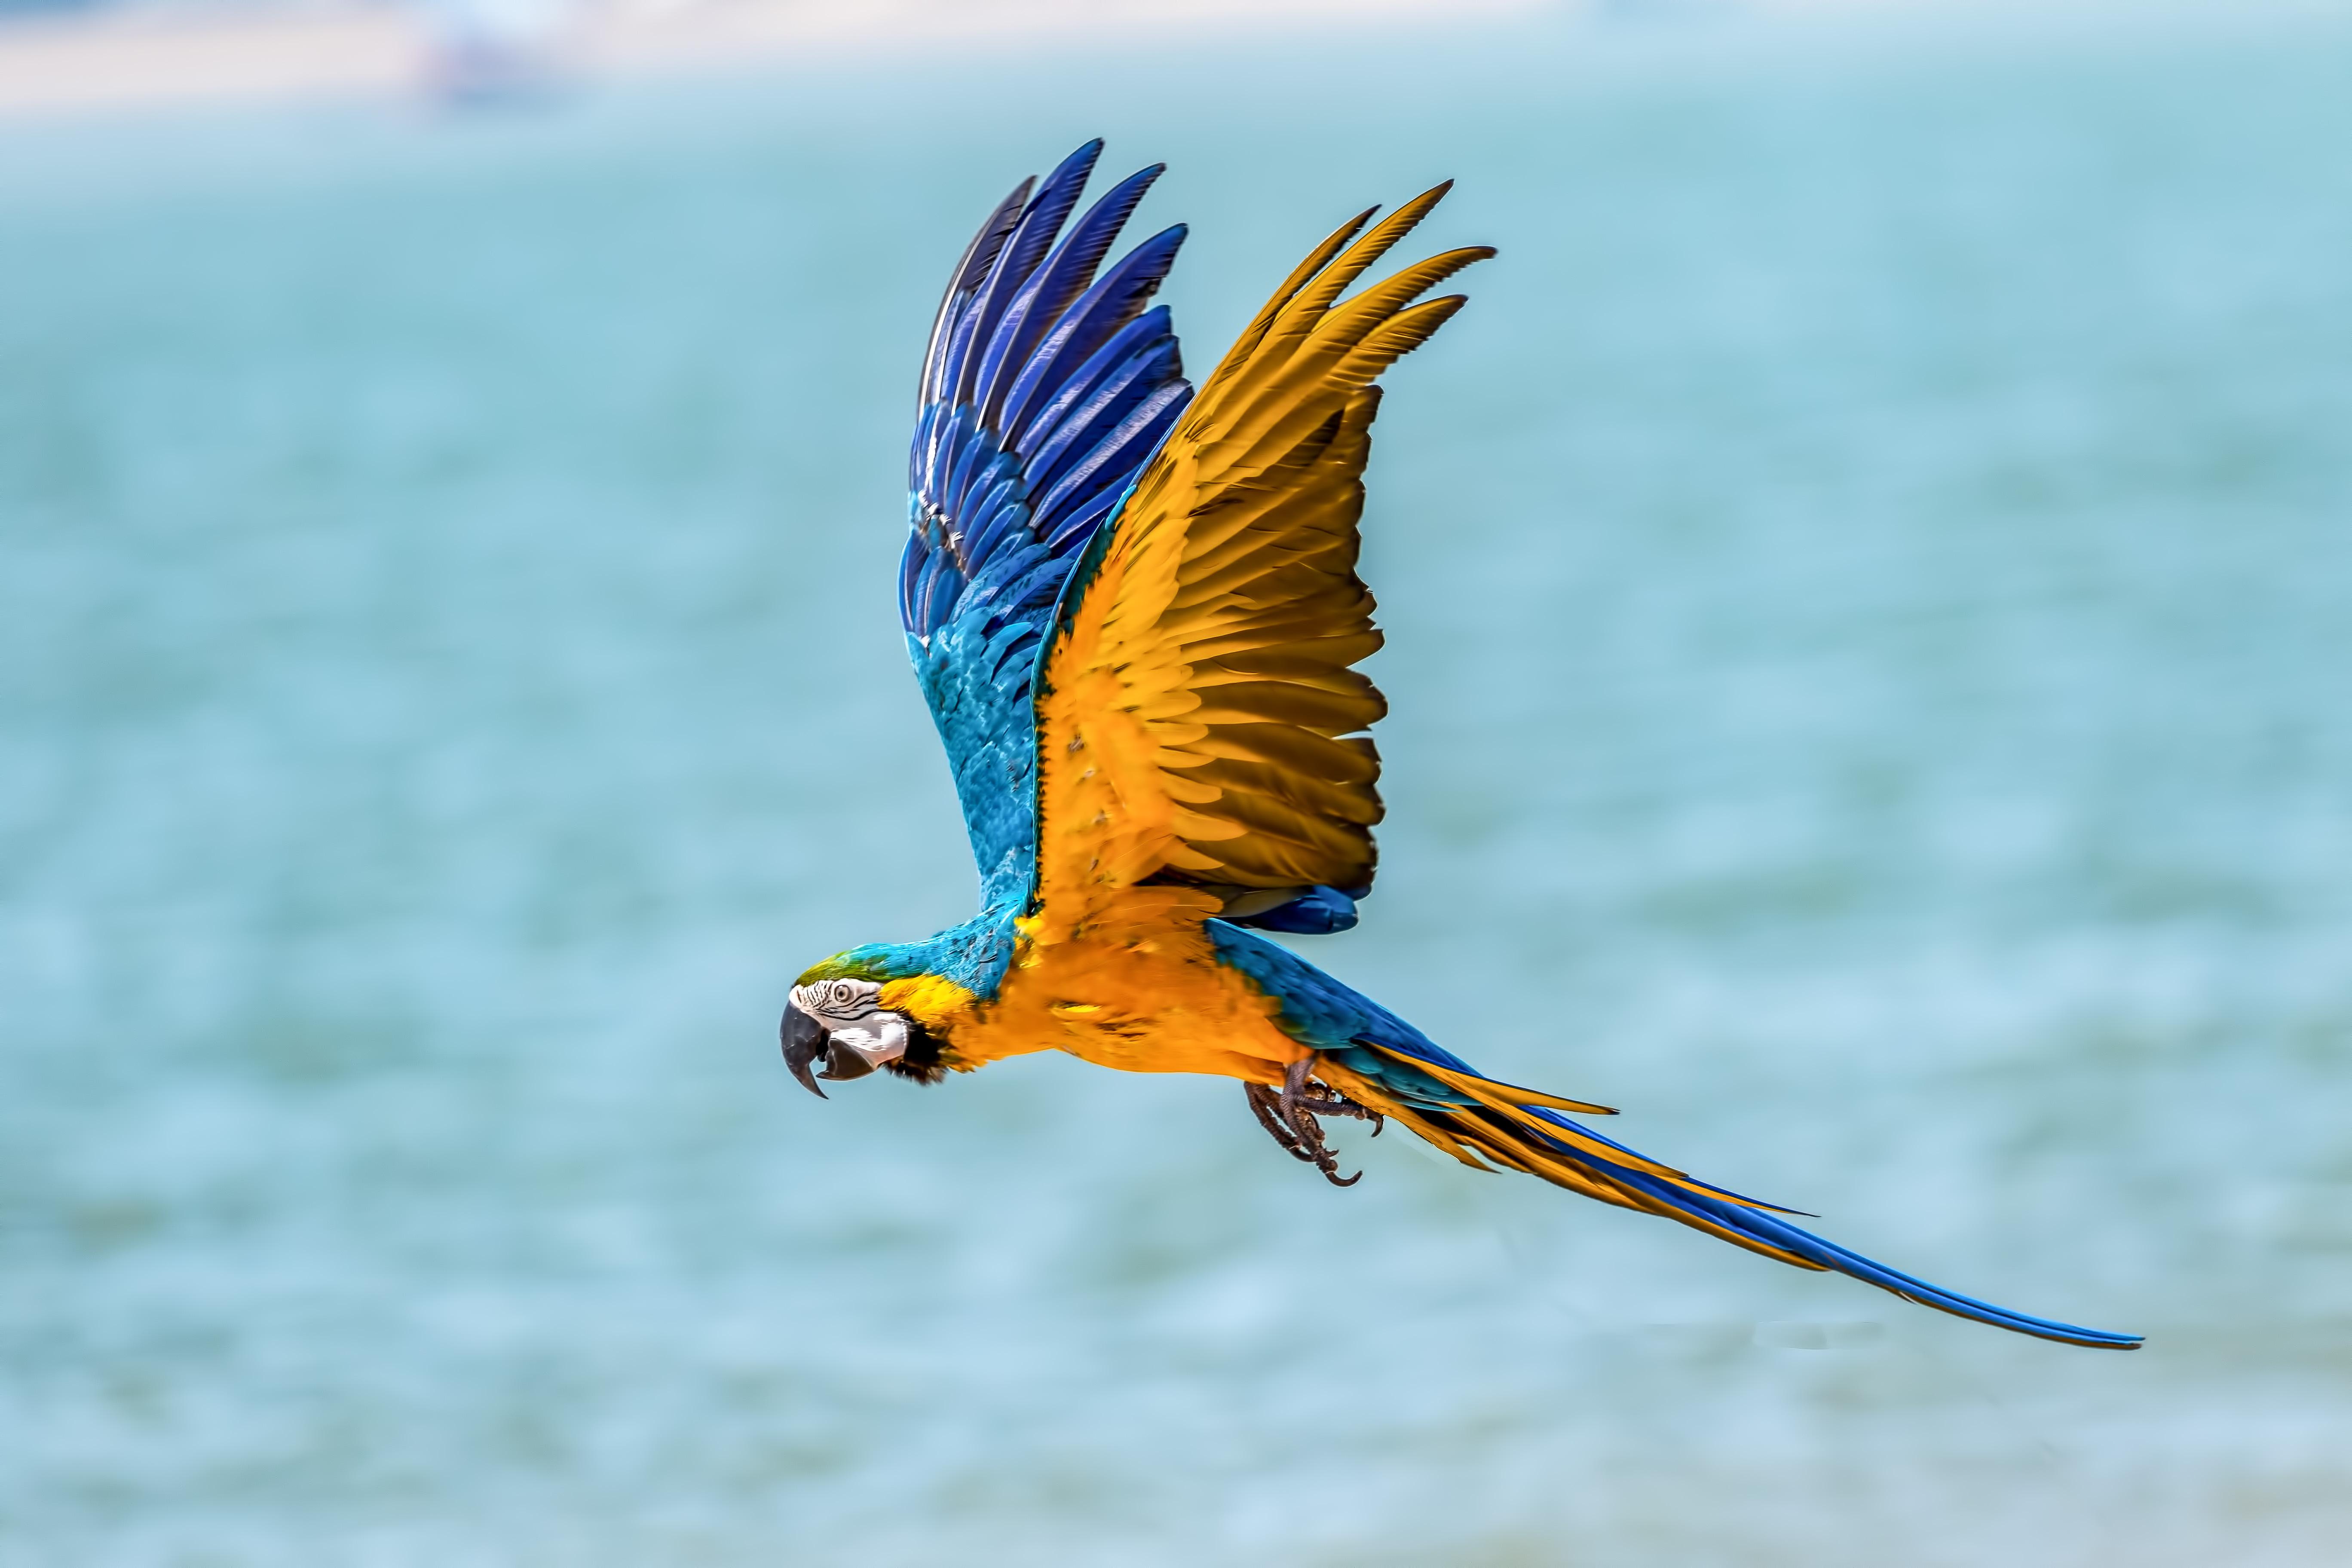 Macaw Bird 5k, HD Birds, 4k Wallpapers, Images